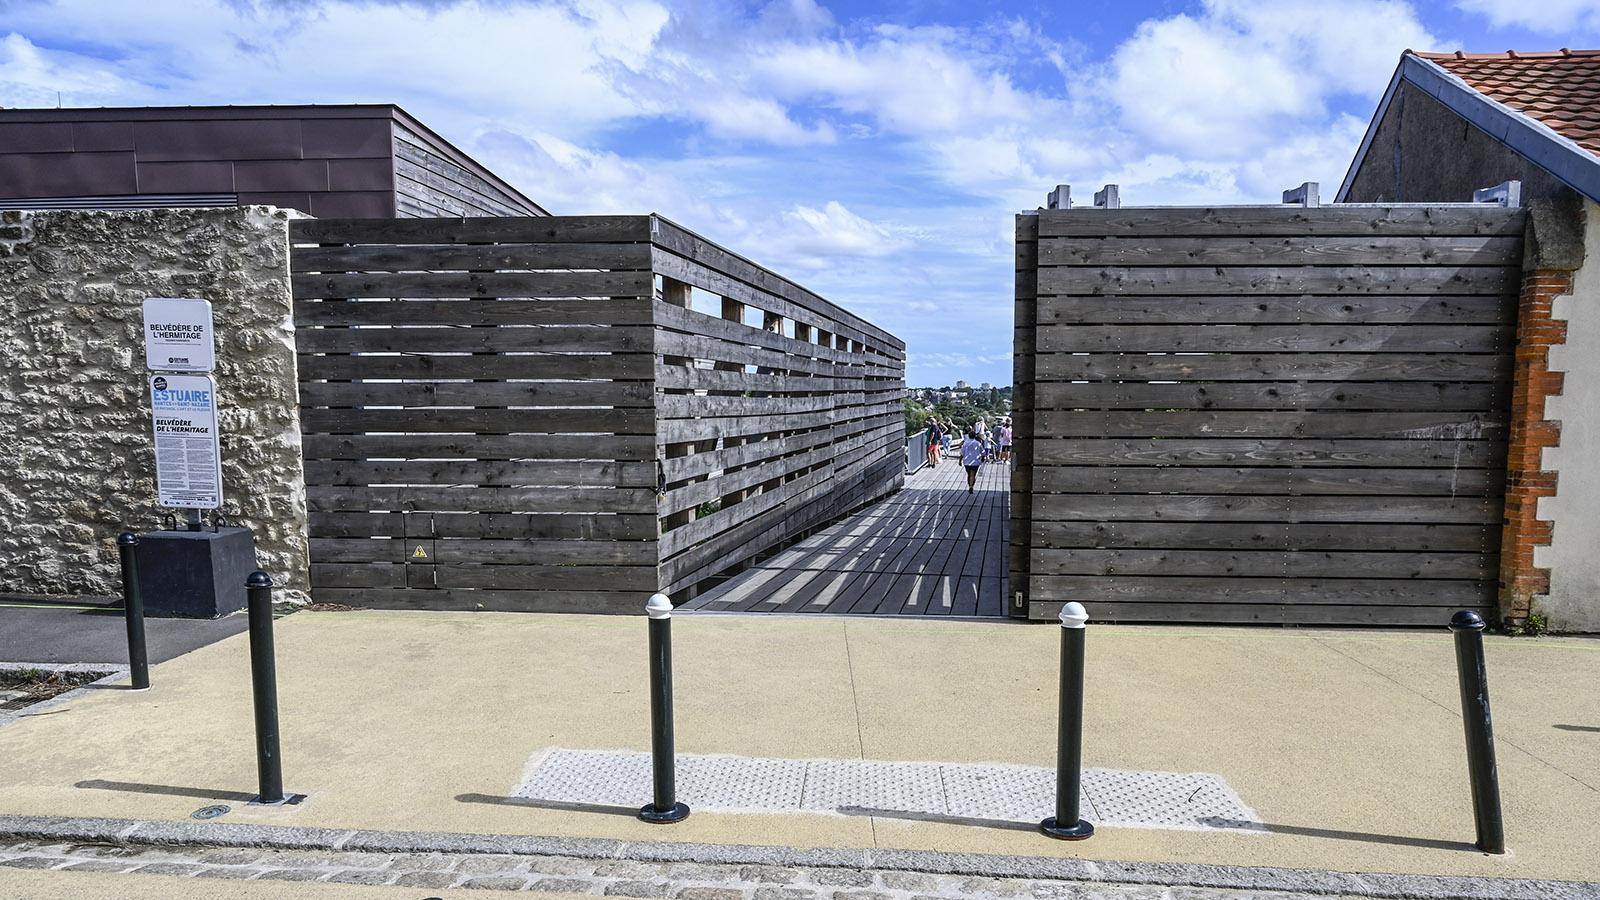 Der Zugang zum neuen Belvédère der Butte Sainte-Anne. Foto: Hilke Maunder